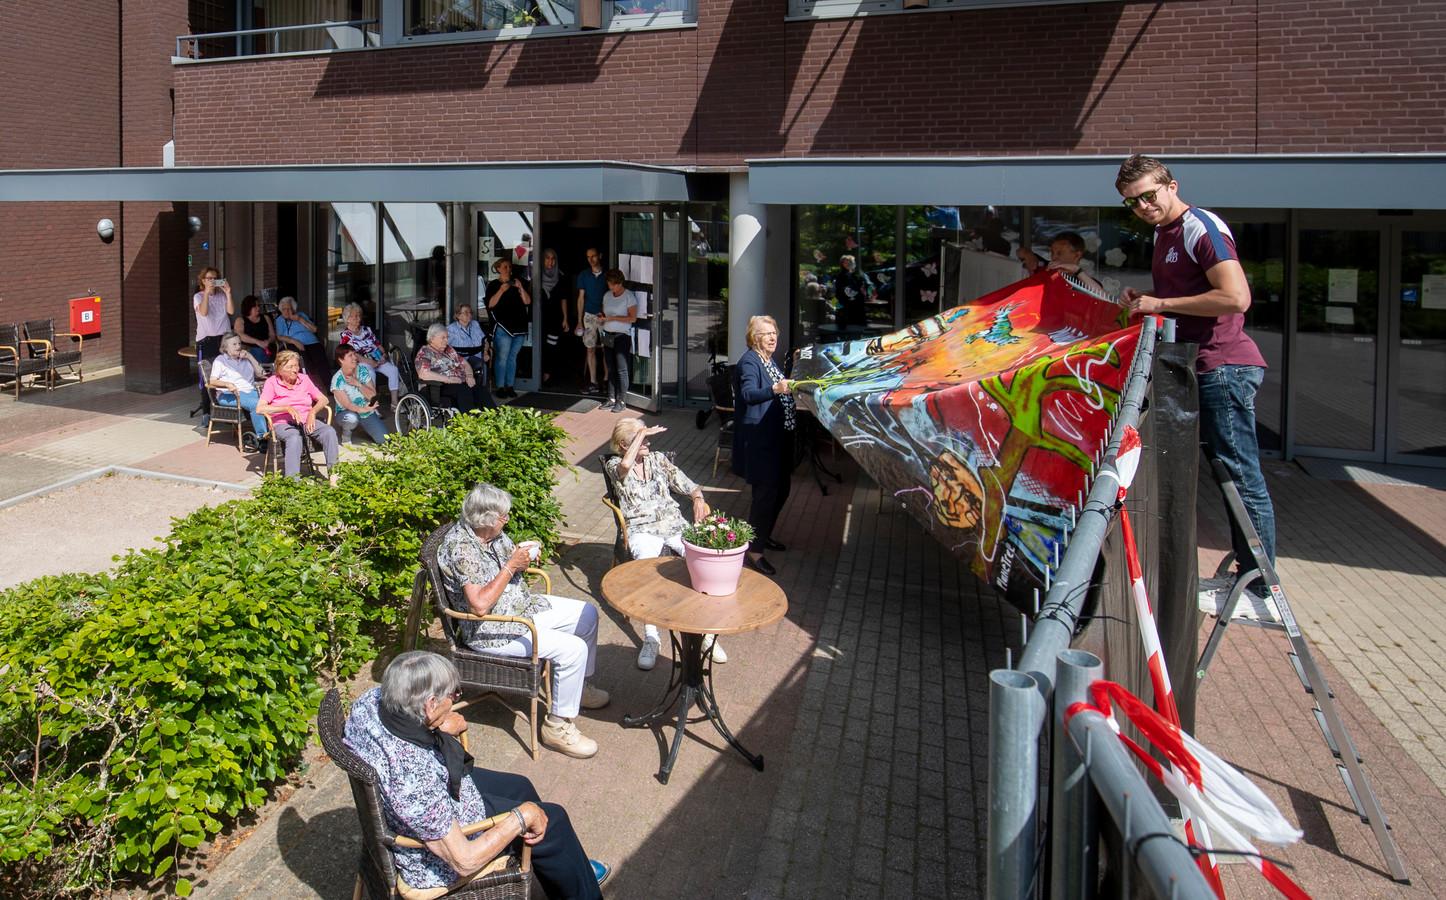 Kunstenaar MilantheArtist biedt de bewoners zorgencentrum St Barbara een kunstwerk aan.